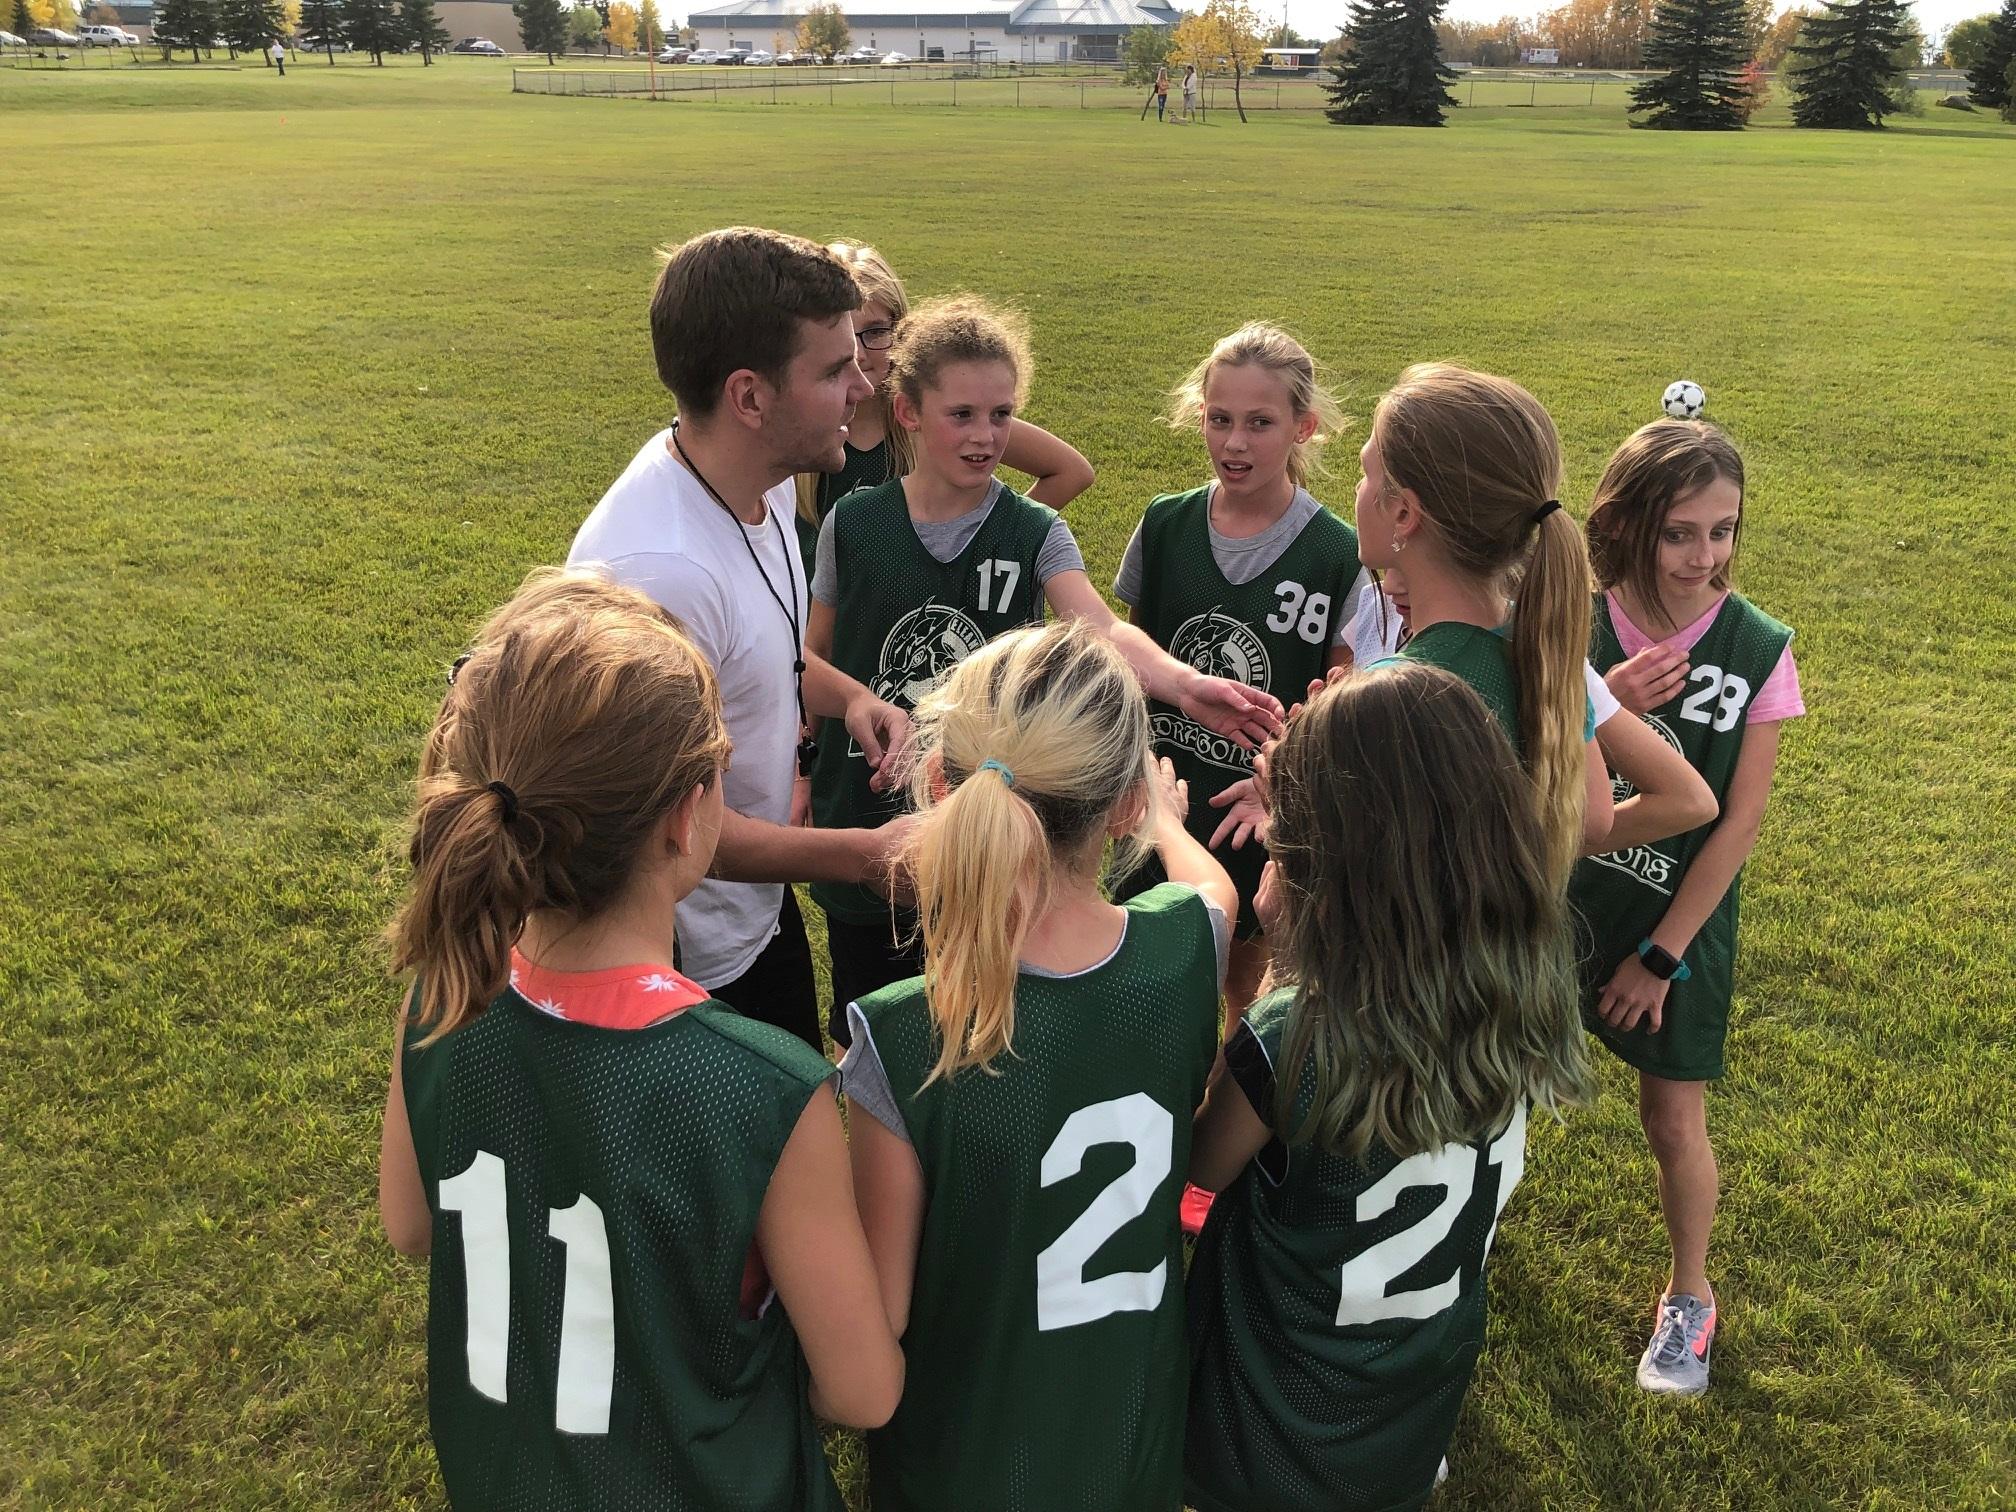 Sports: Soccer Tournament